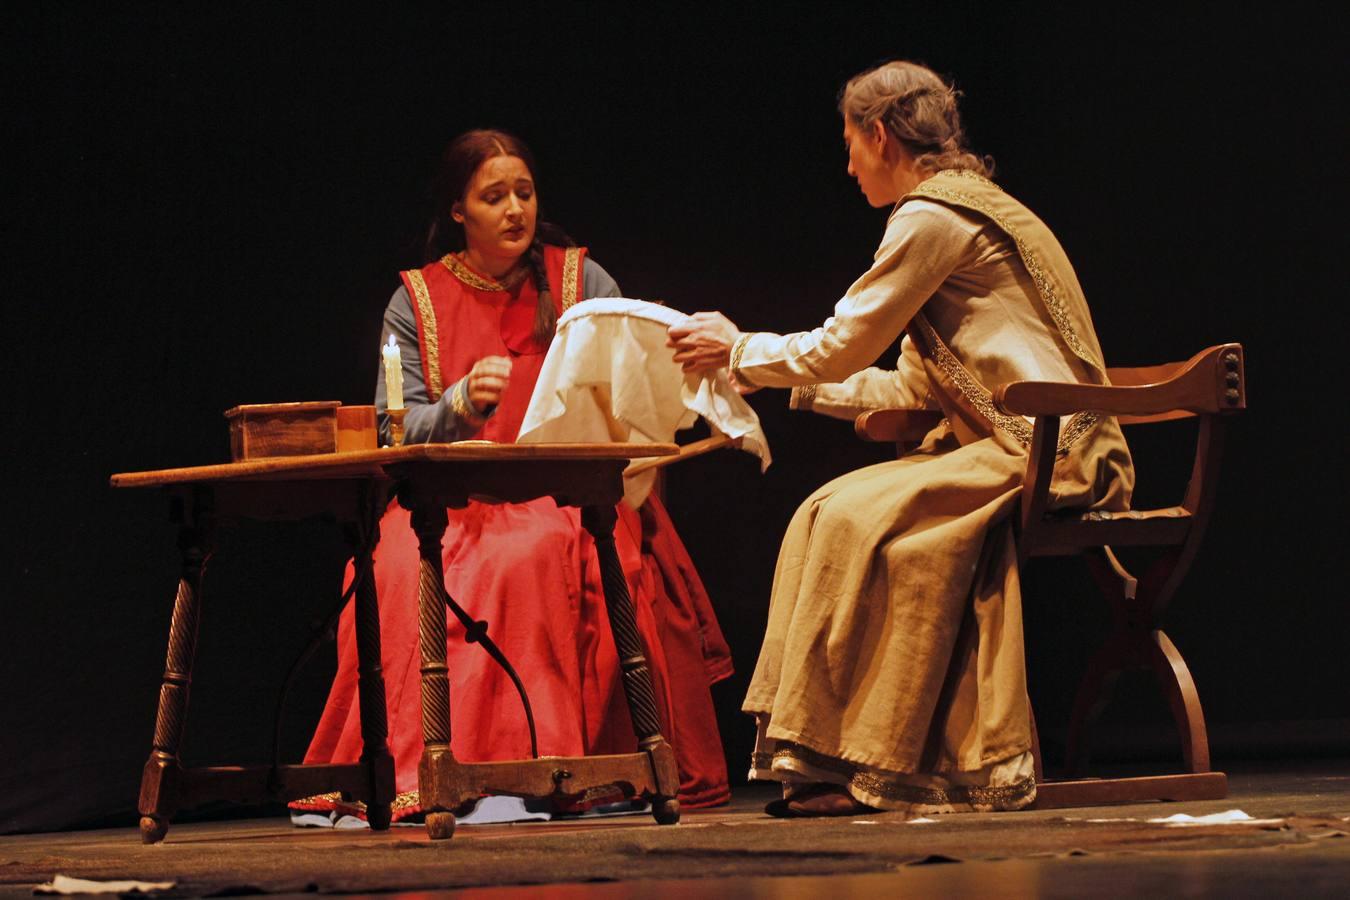 La ESAD pone en escena 'Abravanel' dentro del Festival de Teatro